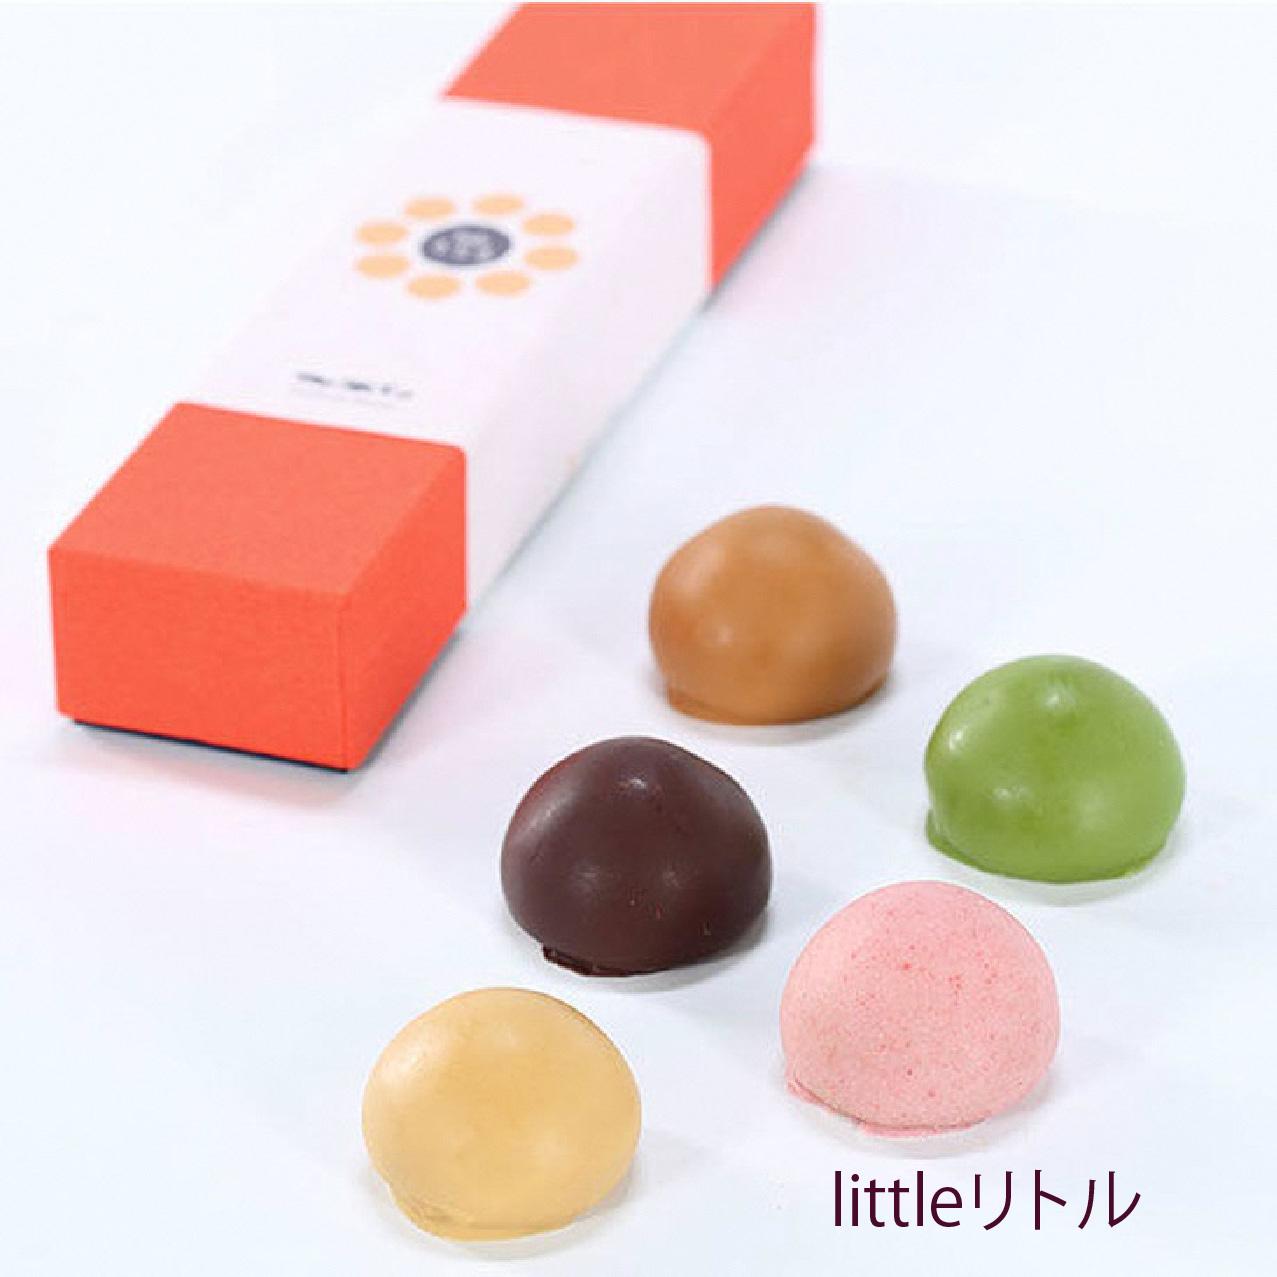 016013. 【キュートなチョコ饅頭】リトルと和菓子のセット